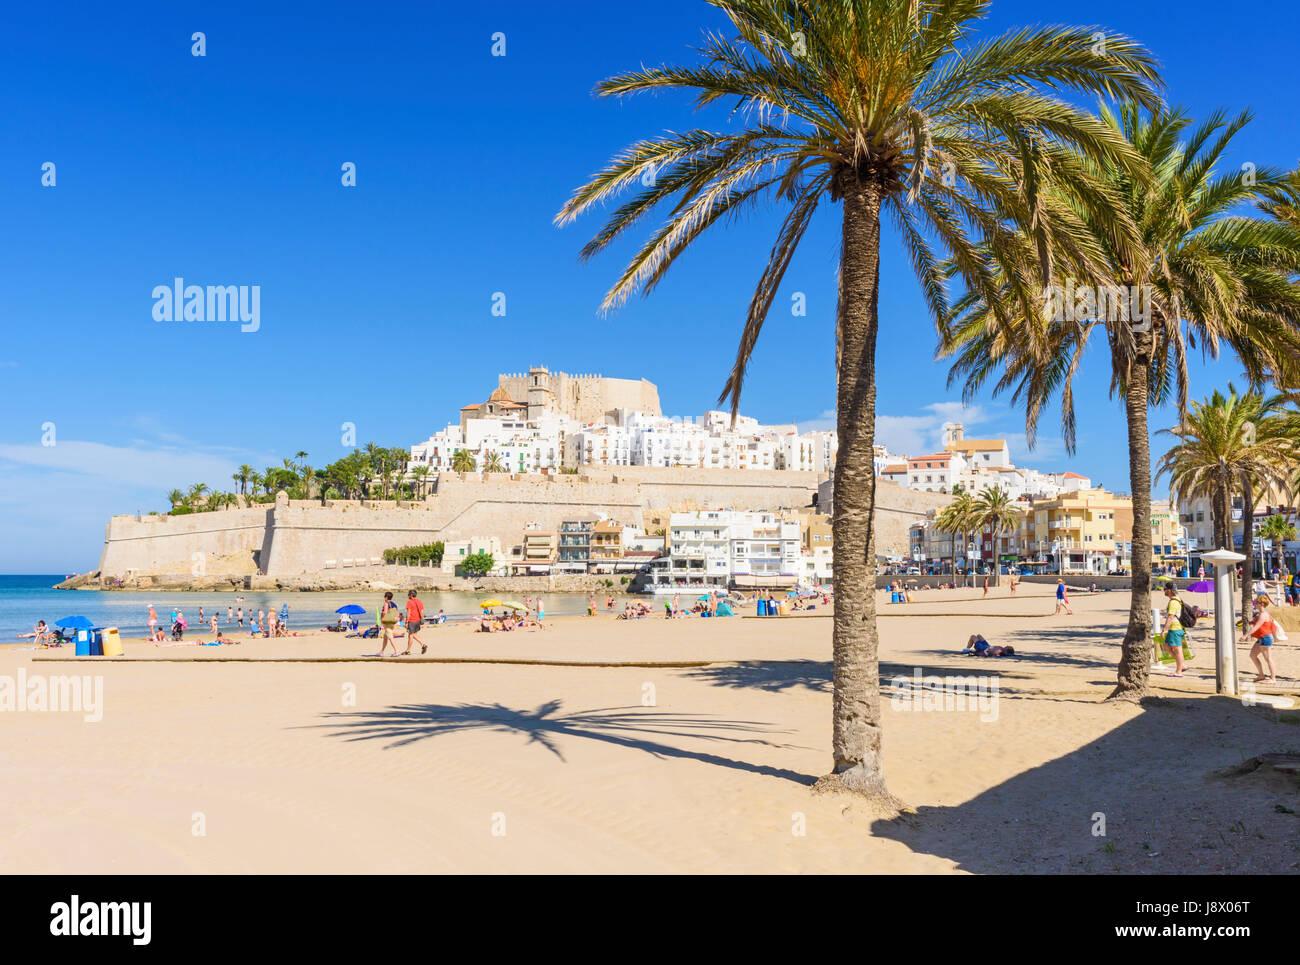 Palmiers le long de la plage avec le Château de Papa Luna et de la vieille ville sur le promontoire rocheux Photo Stock